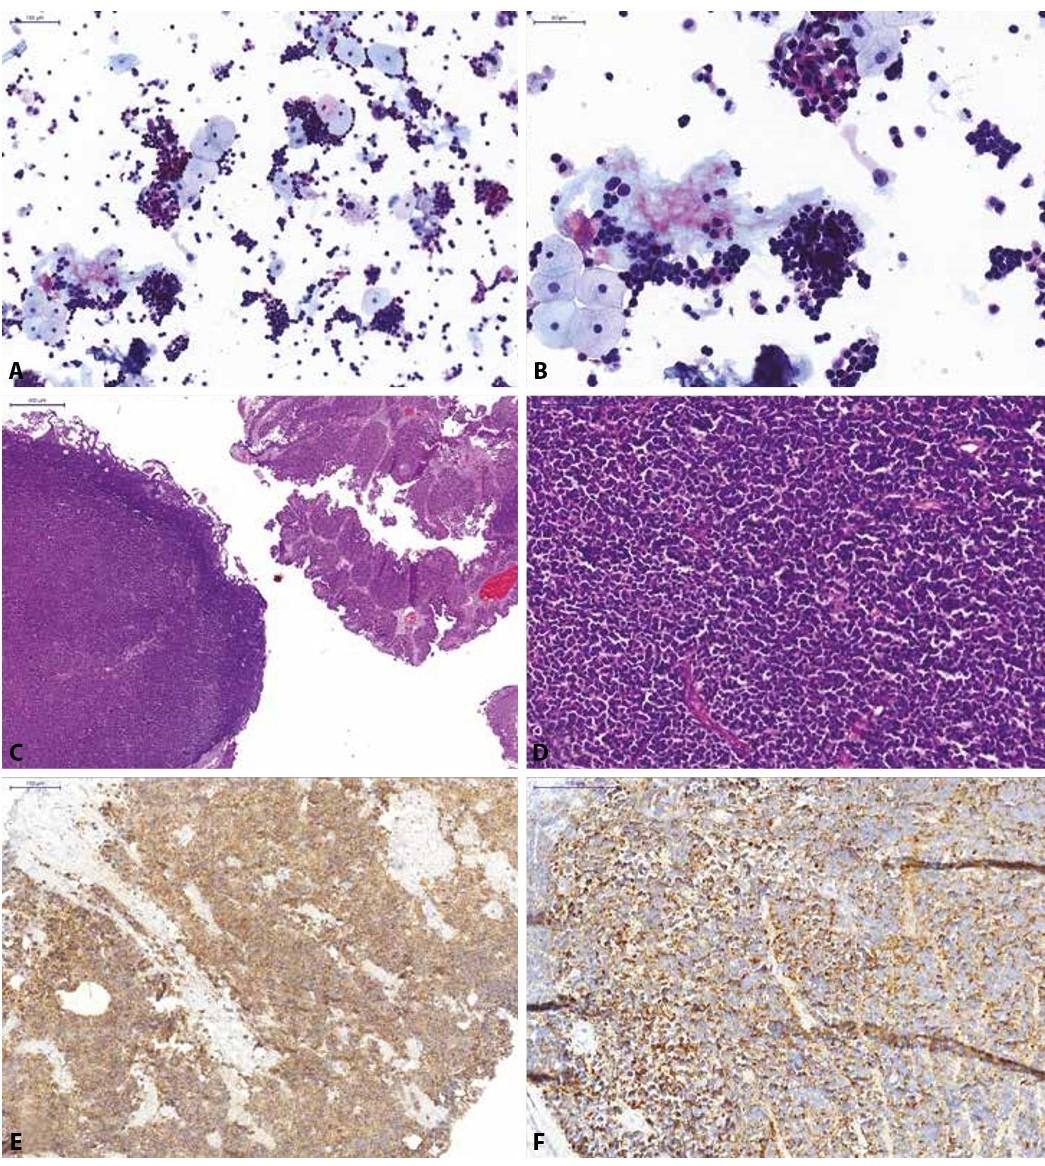 Pacientka s mikroskopickou hematurií a dilatací dutého systému pravé ledviny na USG.<br> (A, B) Spontánně vymočená moč; normální urotelie a záplava výrazně atypických relativně malých elementů s hyperchromázií a nepravidelnostmi jader, při minimálním množství cytoplazmy, jedná se o neoplastické elementy, avšak na základě morfologie nelze s jistotou potvrdit jejich uroteliální origo; kategorie: jiné.<br> (C, D) Definitivní histologický materiál (TURT jeden měsíc po pozitivní močové cytologii) od pacientky; histologicky zastiženy dvě odlišné komponenty, přítomna je jednak uroteliální neoplasie, naznačeně papilárně rostoucí, místy vytvářející struktury spíše ploché léze (karcinoma in situ), reagující pozitivně s cytokeratinem CK7, CK20 a AE1/3. Dále zastižena objemná, většinová komponenta tvořená malobuněčnou lézí, která je negativní v průkazu vimentinu, CD26, CD79a, CD3, CD45, S-100 proteinem, CD99, HMB45; reaguje pouze tečkovitě pozitivně s cytokeratinem OSCAR, pozitivní jsou nádorové struktury v průkazu synaptofyzinu<br> (E), CD56 a chromograninu (F). Jedná se o malobuněčný karcinom s neuroendokrinními rysy vycházející z urotelu.